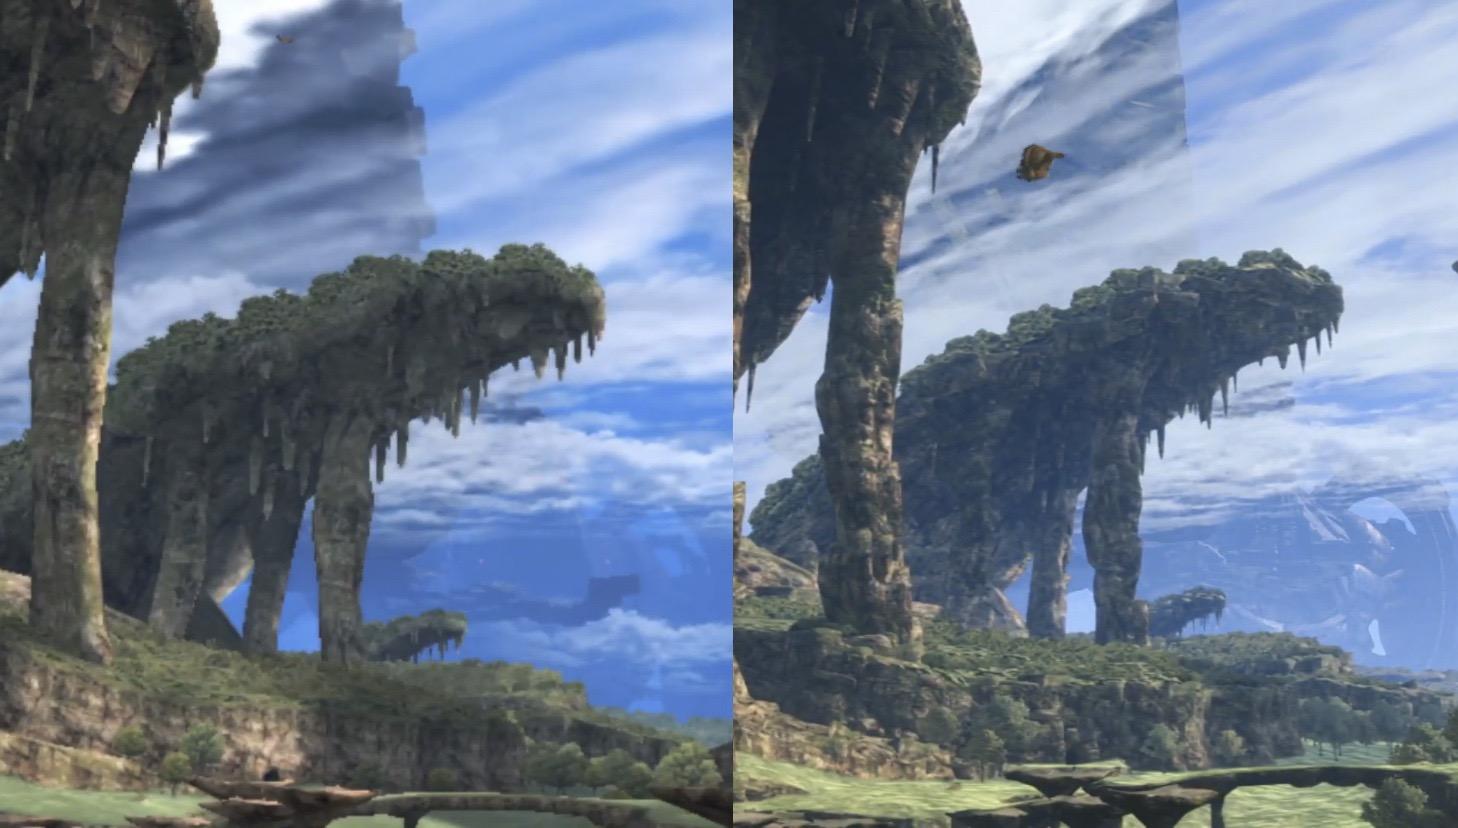 m5k0mXl - 【朗報】ゼノブレイドDE、正確な画像比較によりフィールドも全面的に作り直されていたと判明する